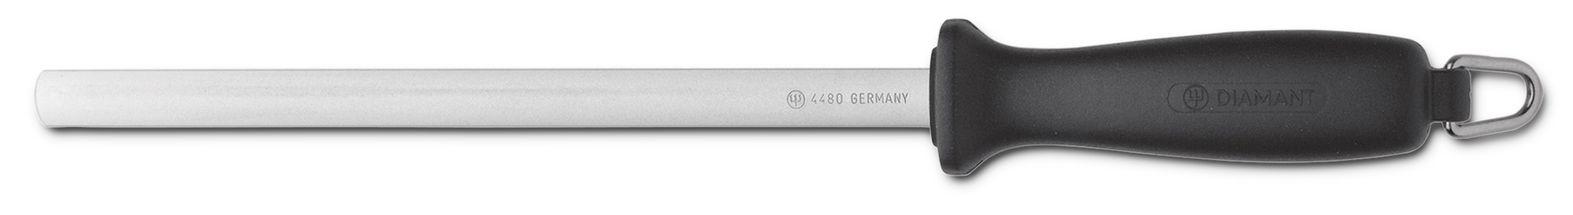 Wüsthof Schärfstab Diamant 23 cm